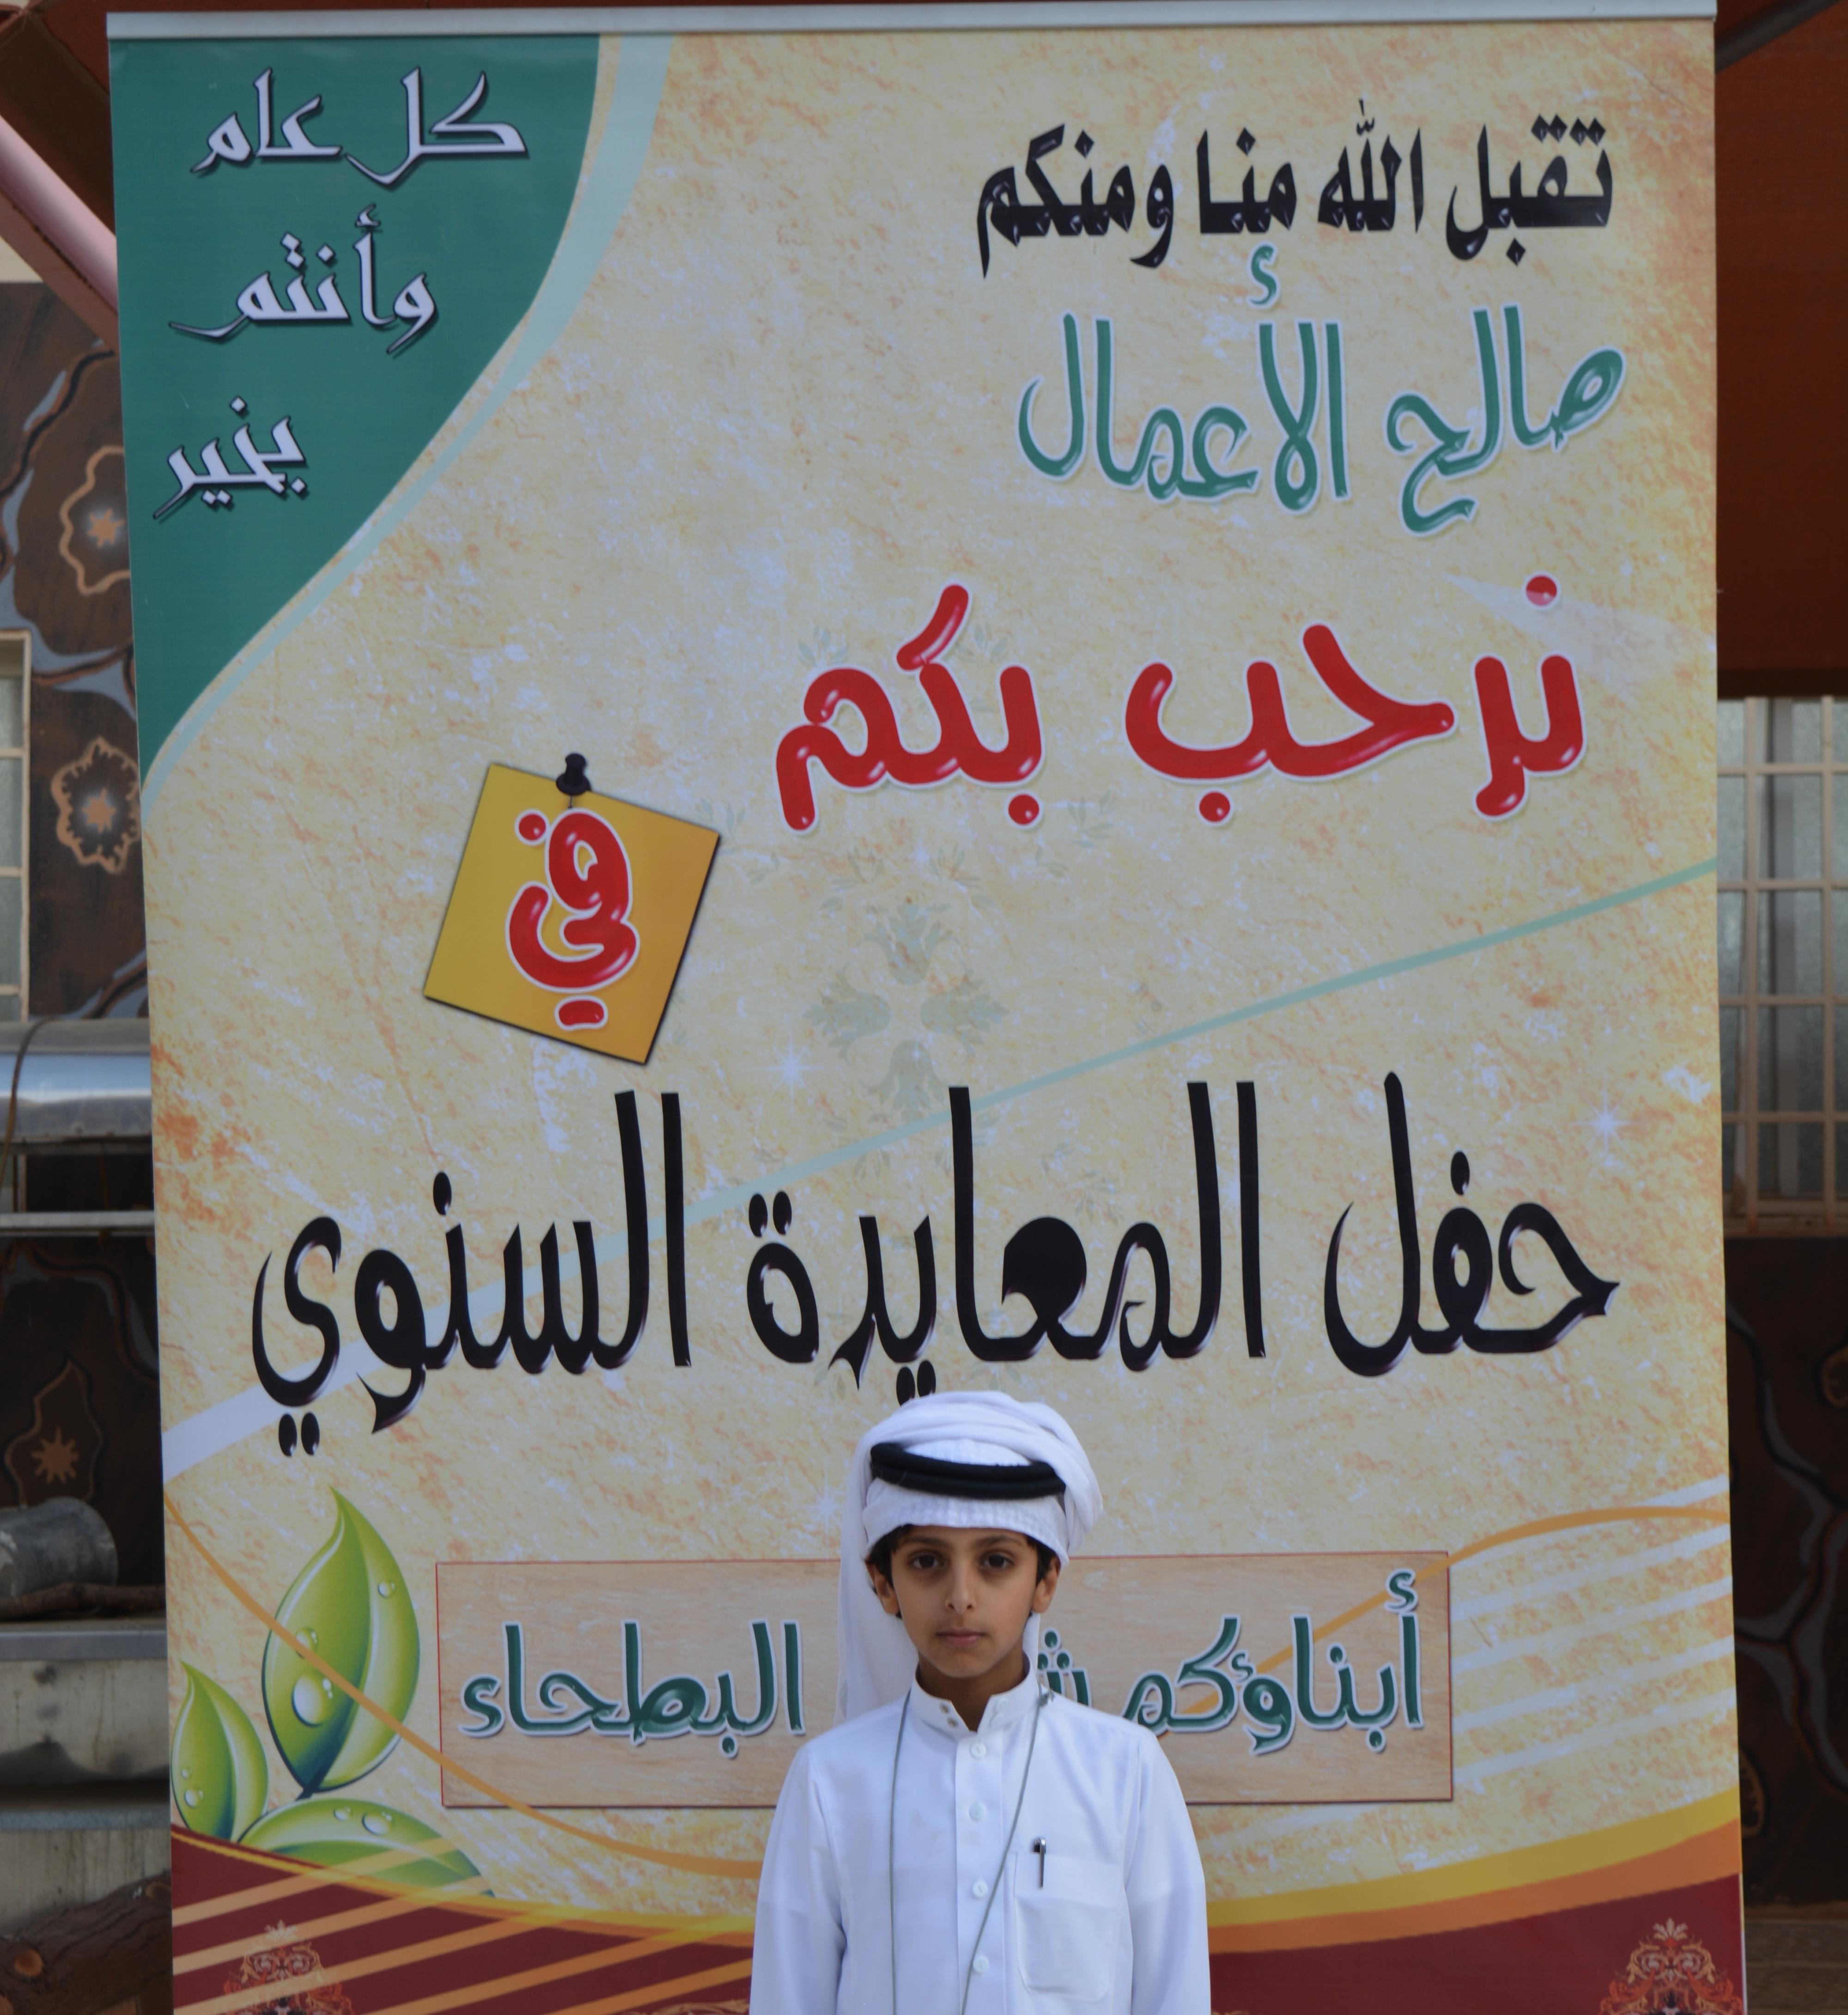 بطحاء الواديين تحتفل بالعيد بحضور ابنائها (6)